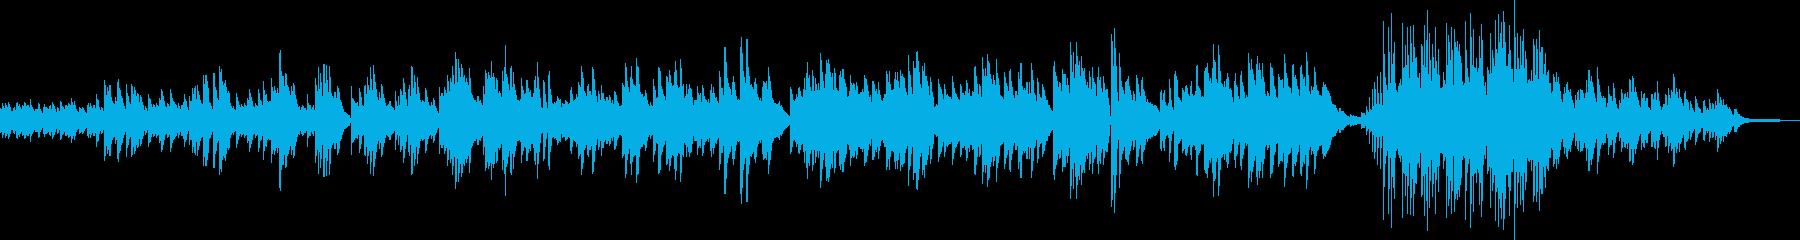 スローで優しい美しい暖かいピアノの曲の再生済みの波形